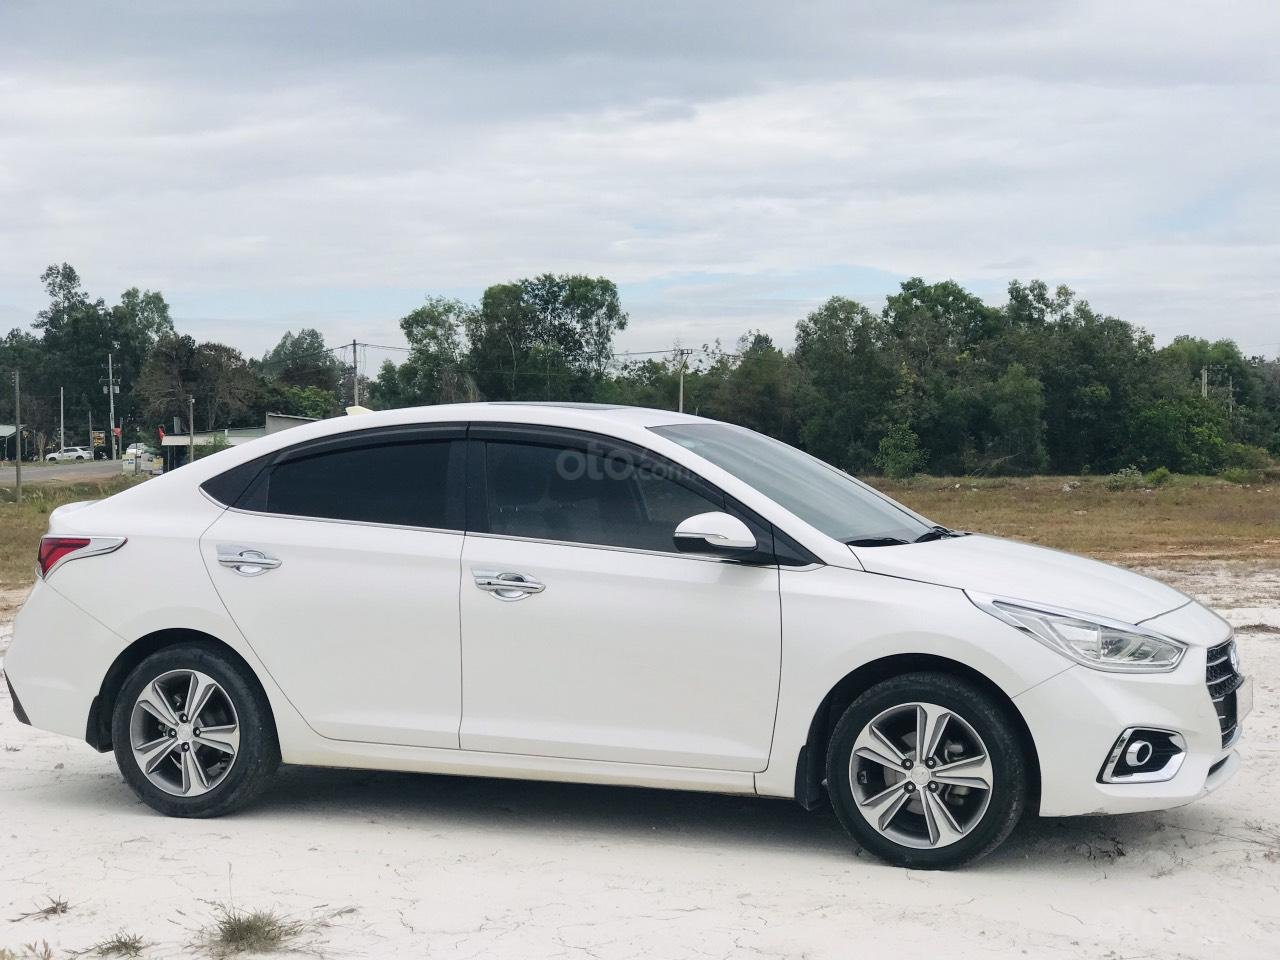 Mới về Hyundai Accent sản xuất 2018 1.4ATH bản đặc biệt (4)